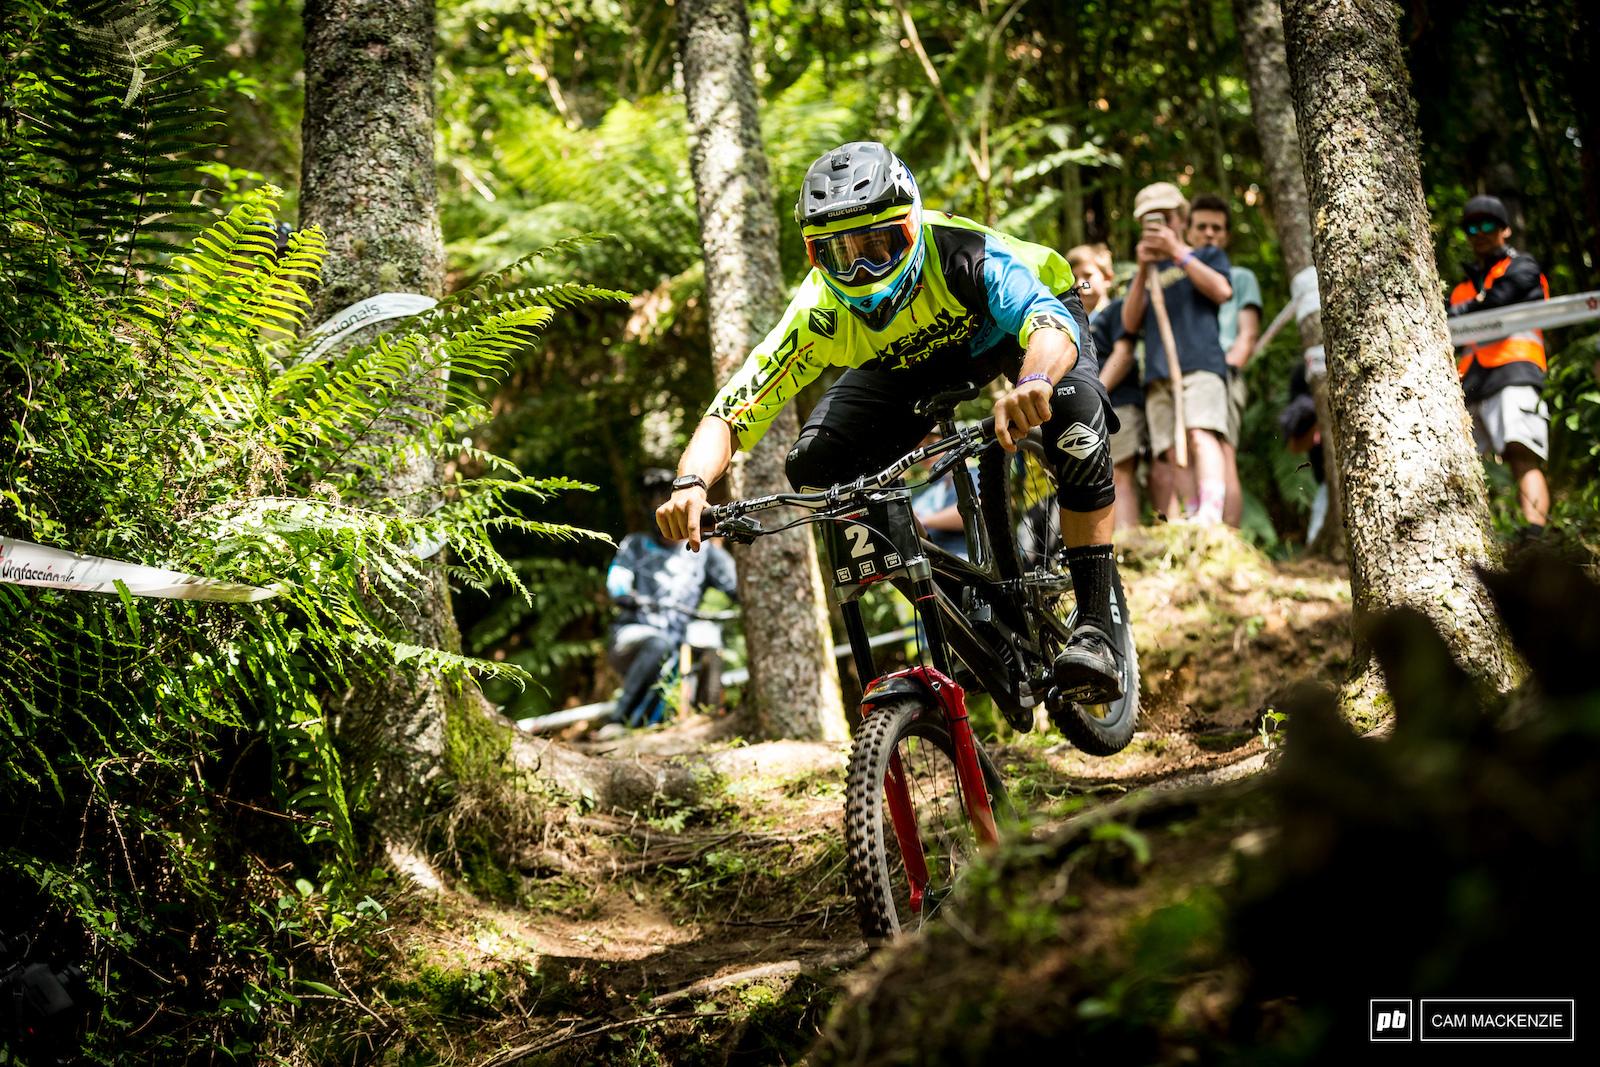 Блог компании Триал-Спорт: Спортсмены Norco блестяще выступили на фестивале Crankworks Rotorua